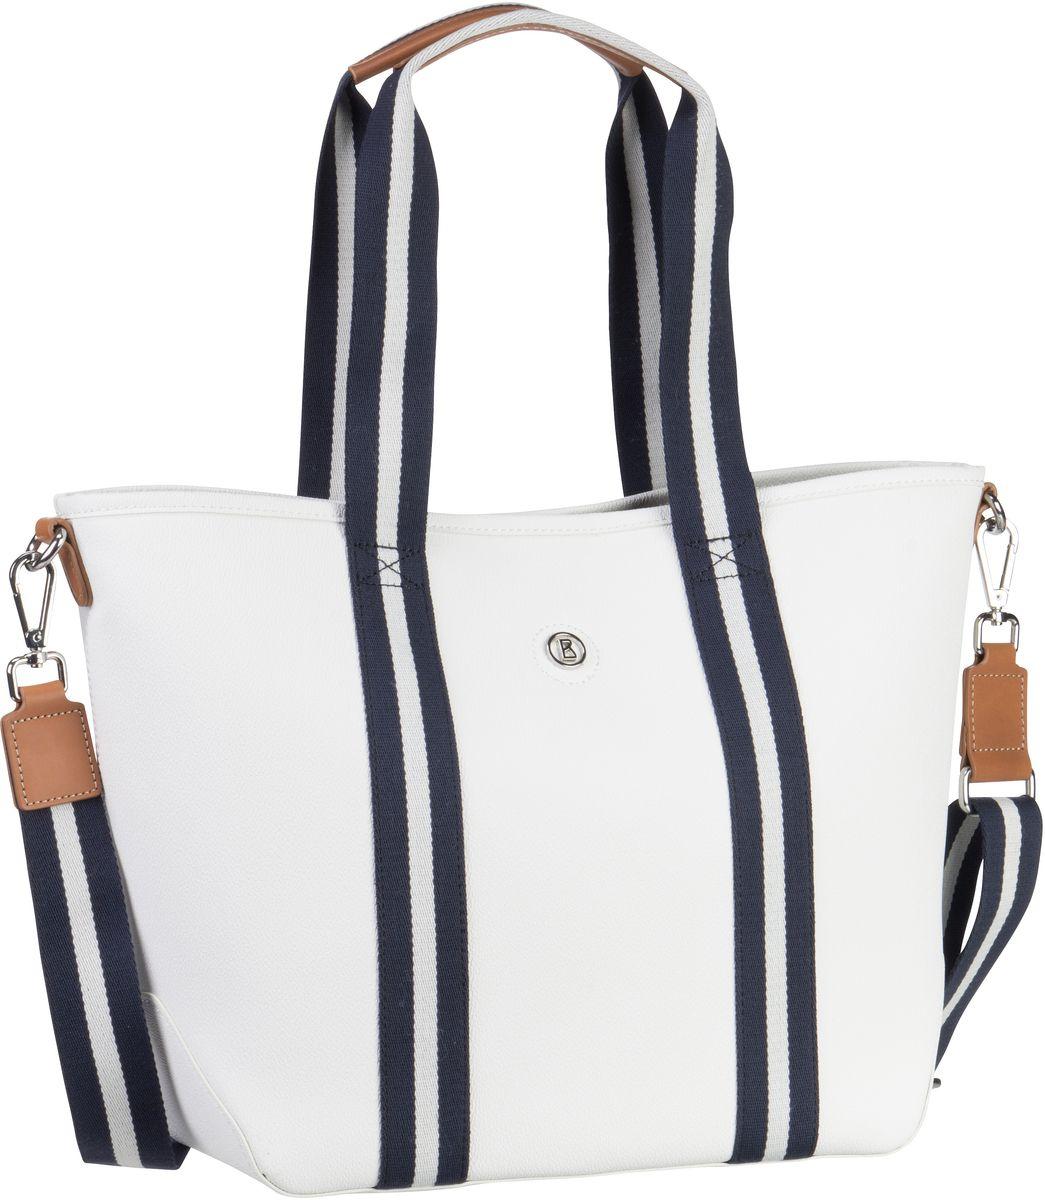 Handtaschen für Frauen - Bogner Long Island Laury Milk (innen Multi) Handtasche  - Onlineshop Taschenkaufhaus